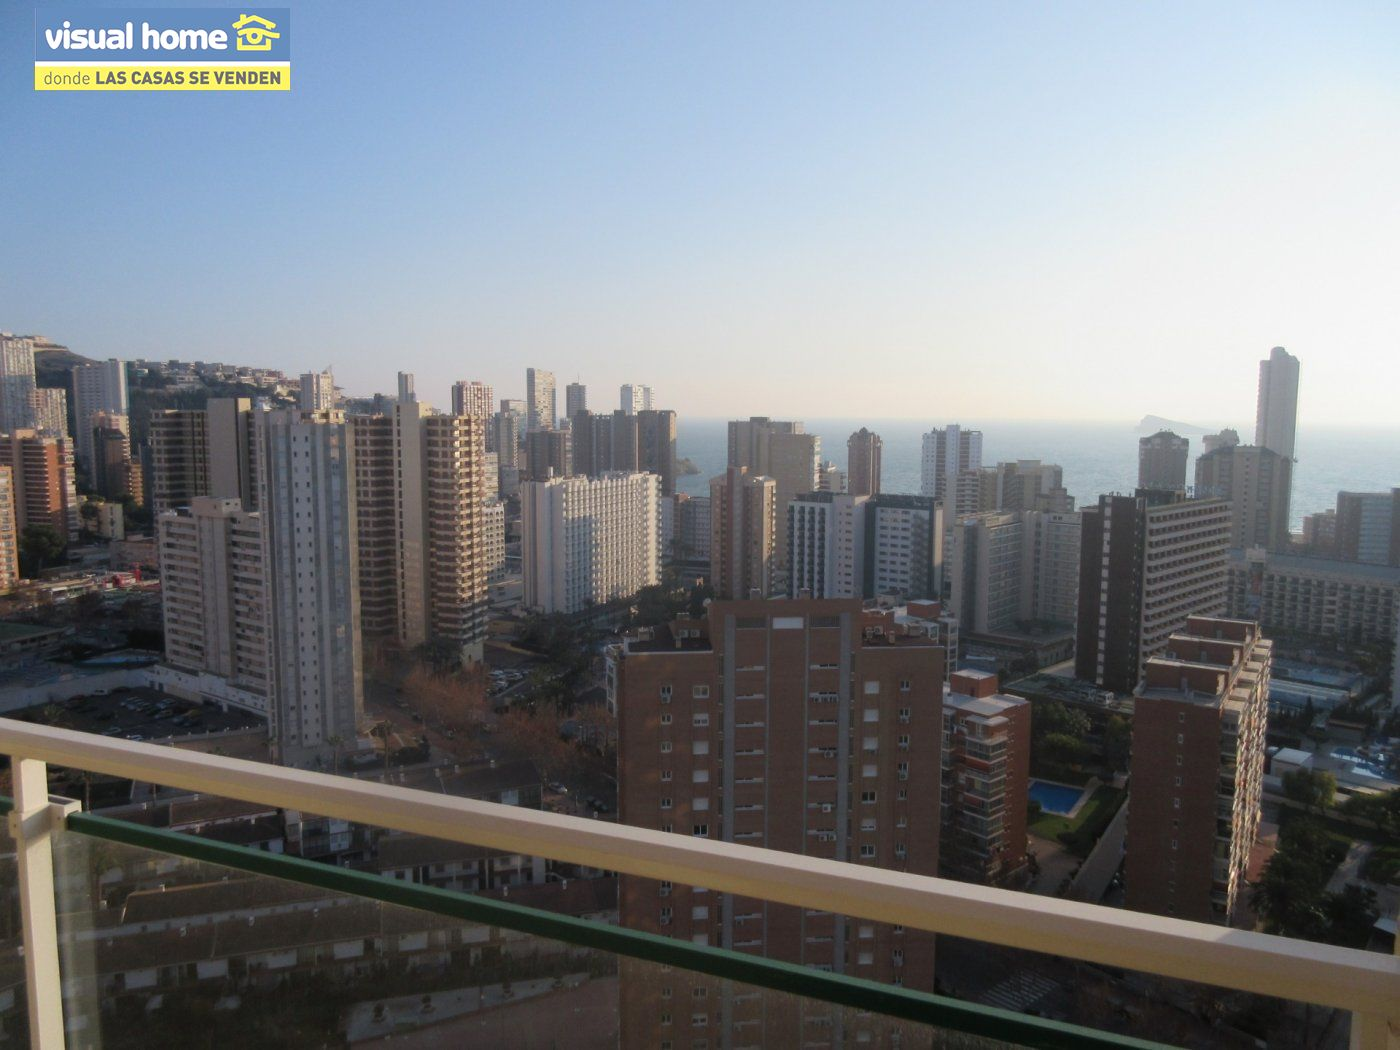 Apartamento 1 dormitorio con vistas espectaculares con parking y piscina en Rincón de Loix llano 29